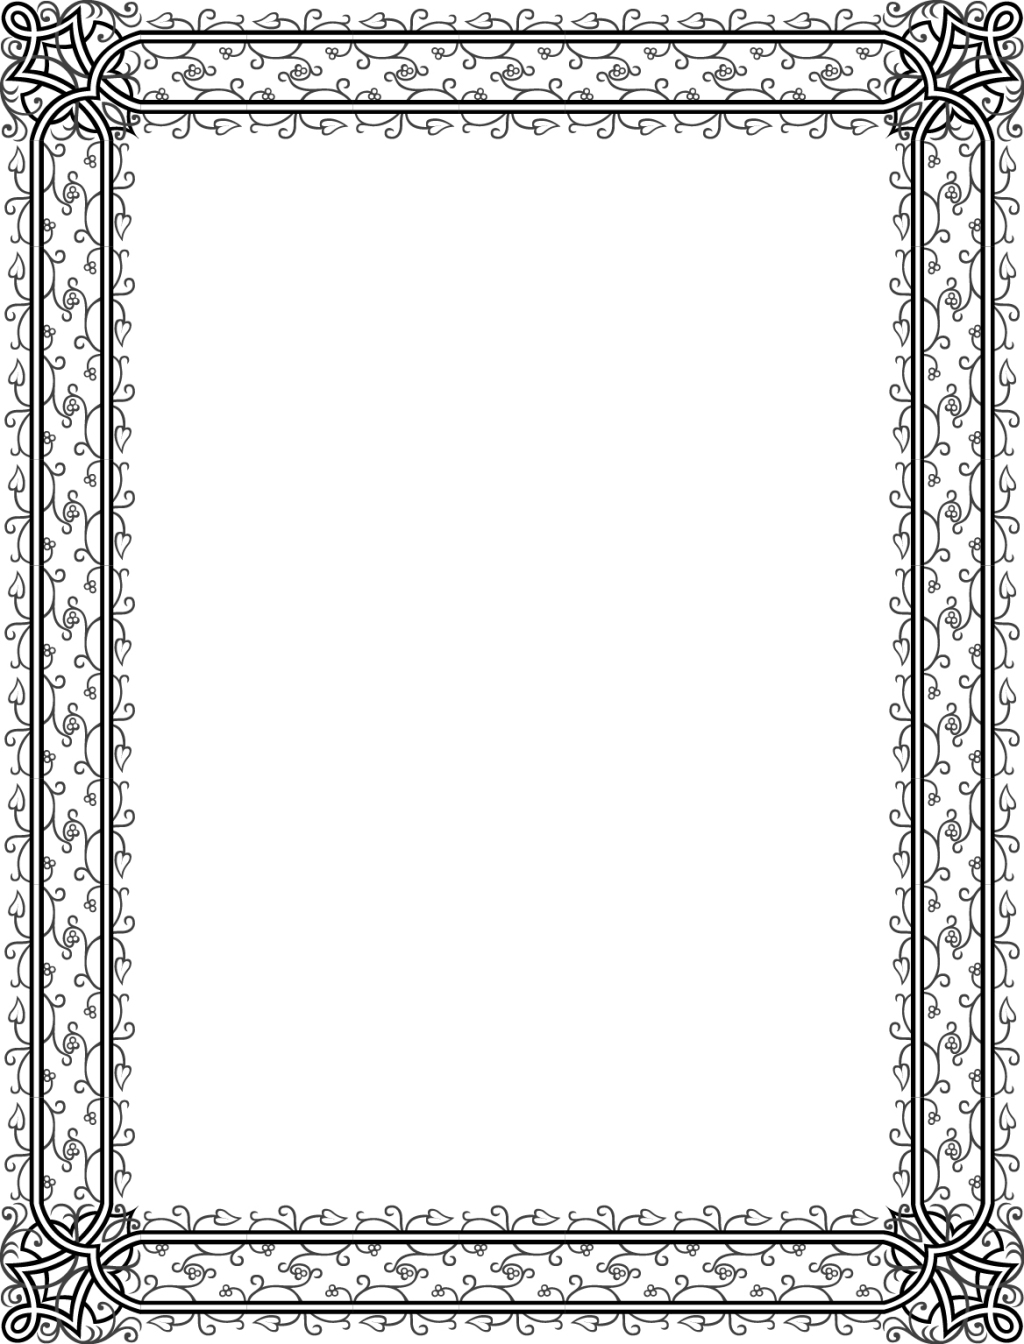 花纹边框素材